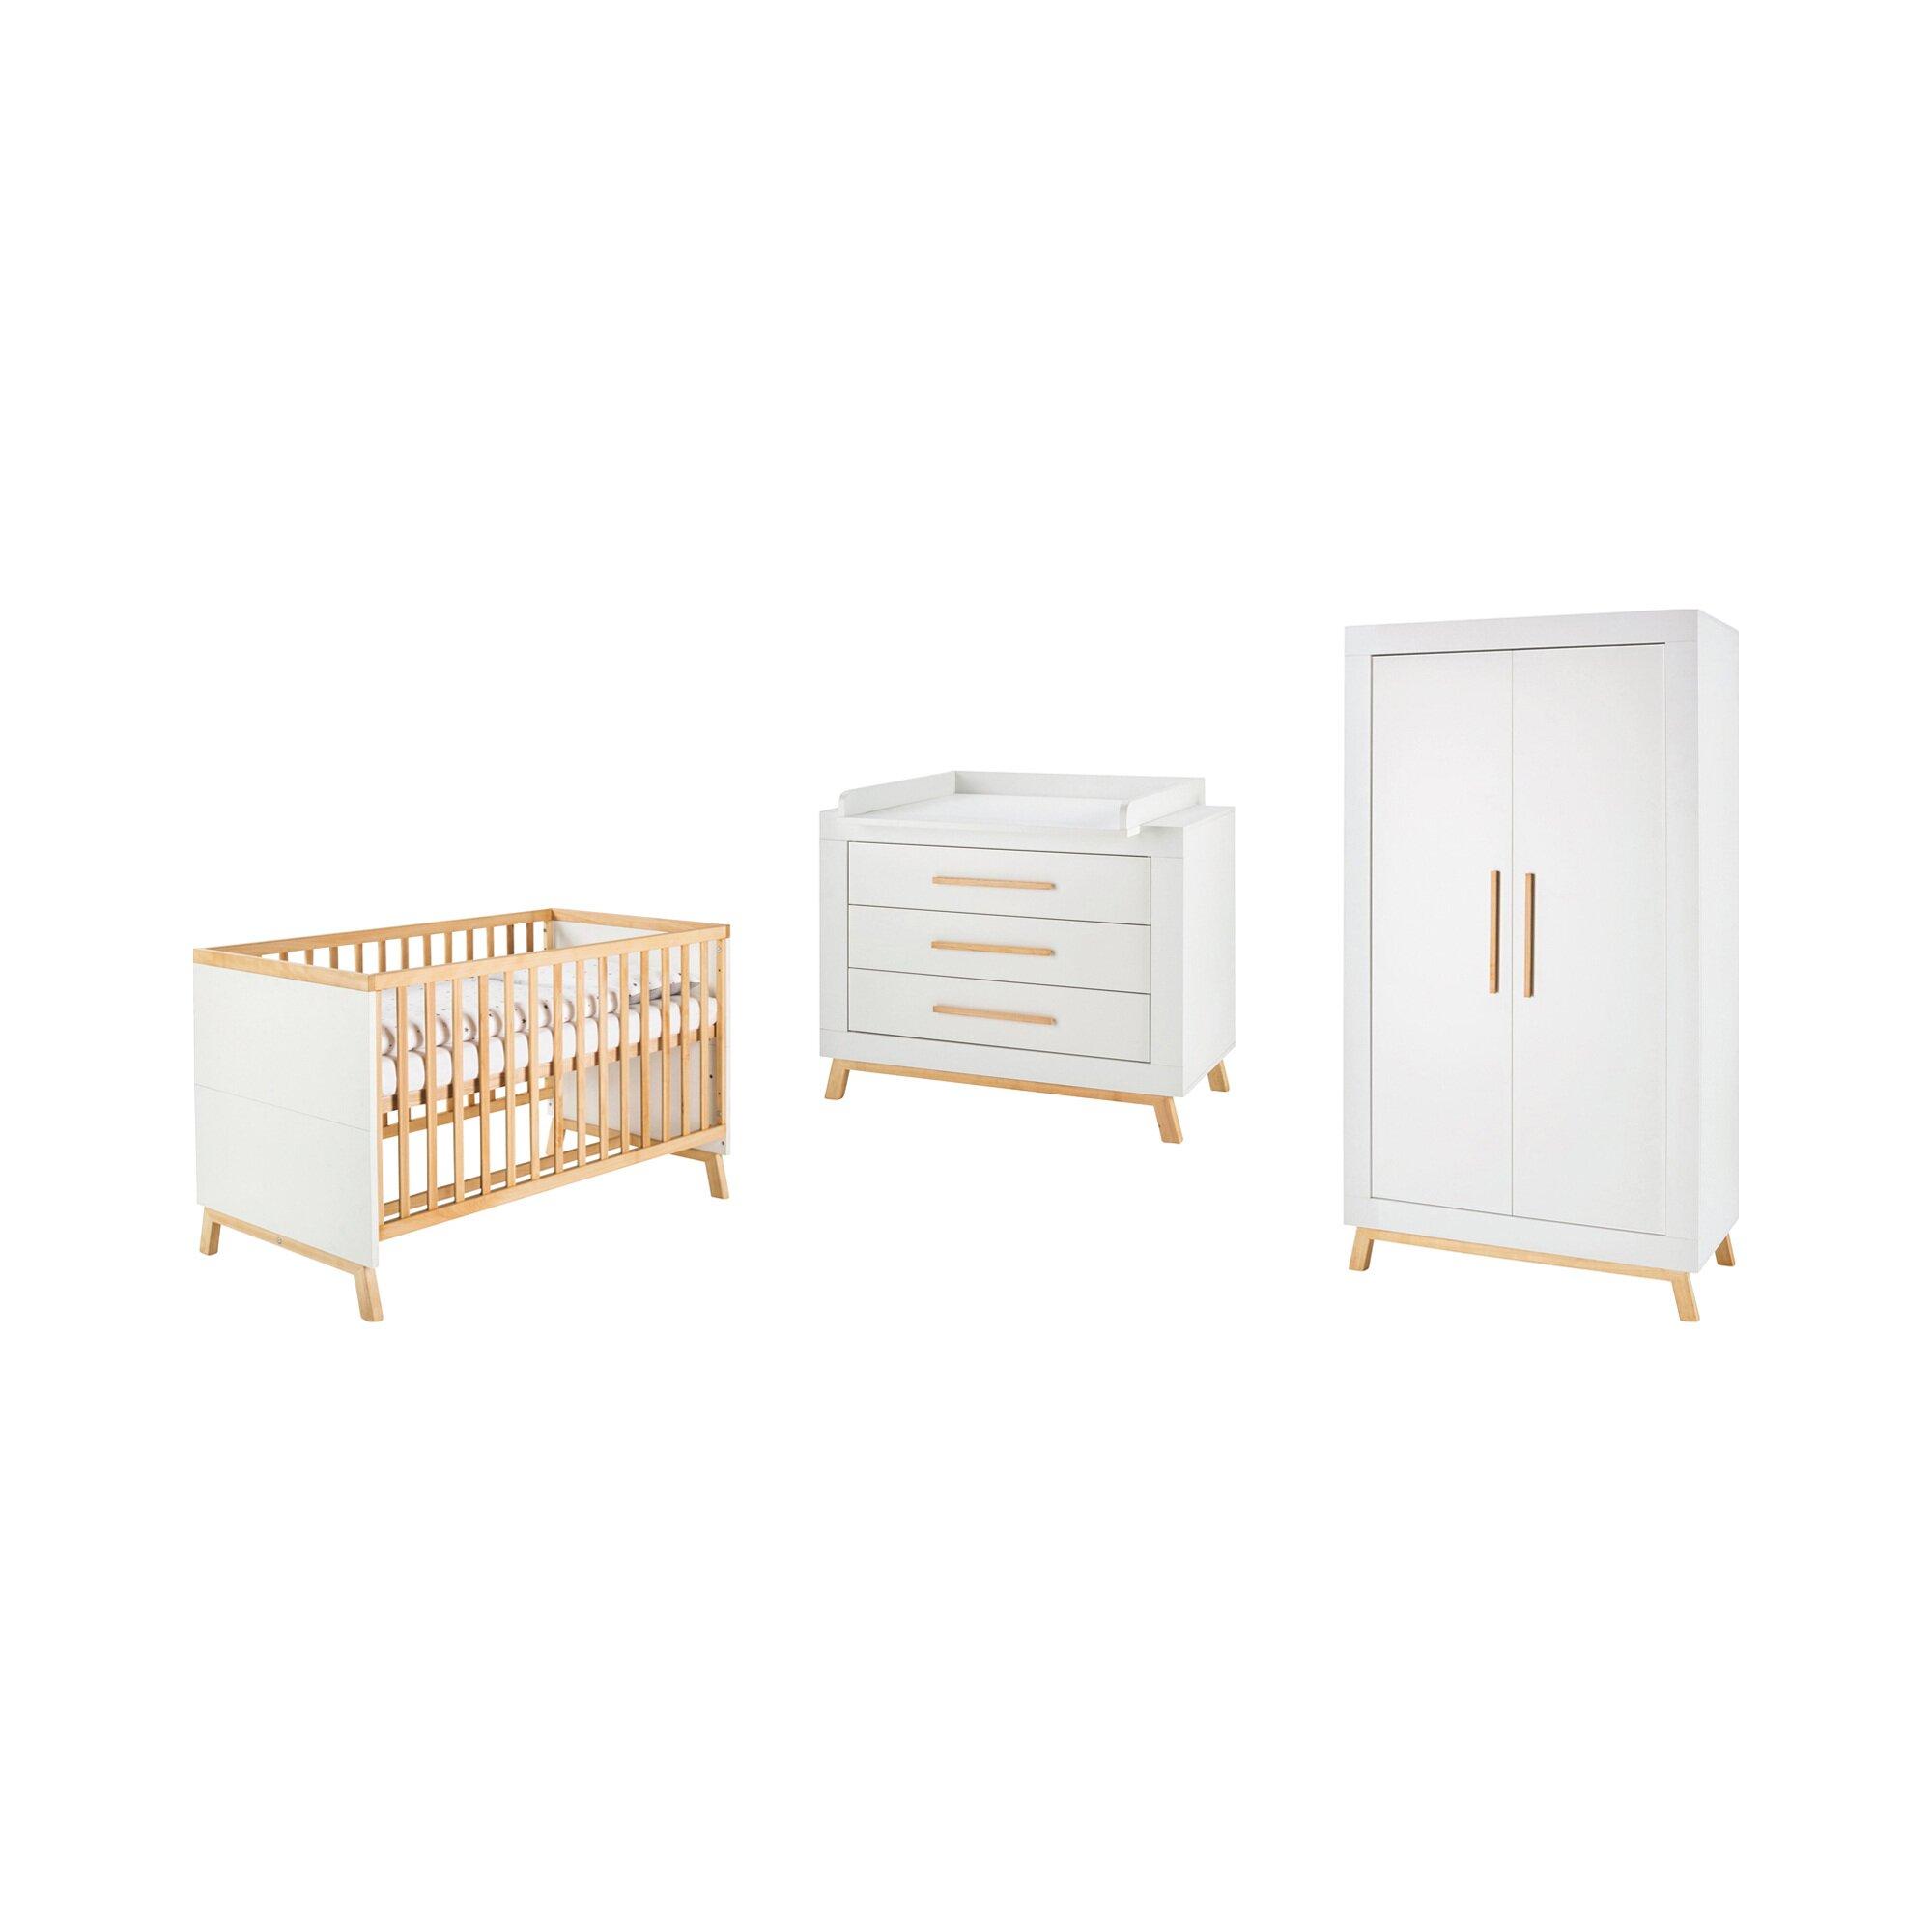 schardt-3-tlg-babyzimmer-miami-white-mit-2-turigem-kleiderschrank, 1134.99 EUR @ babywalz-de